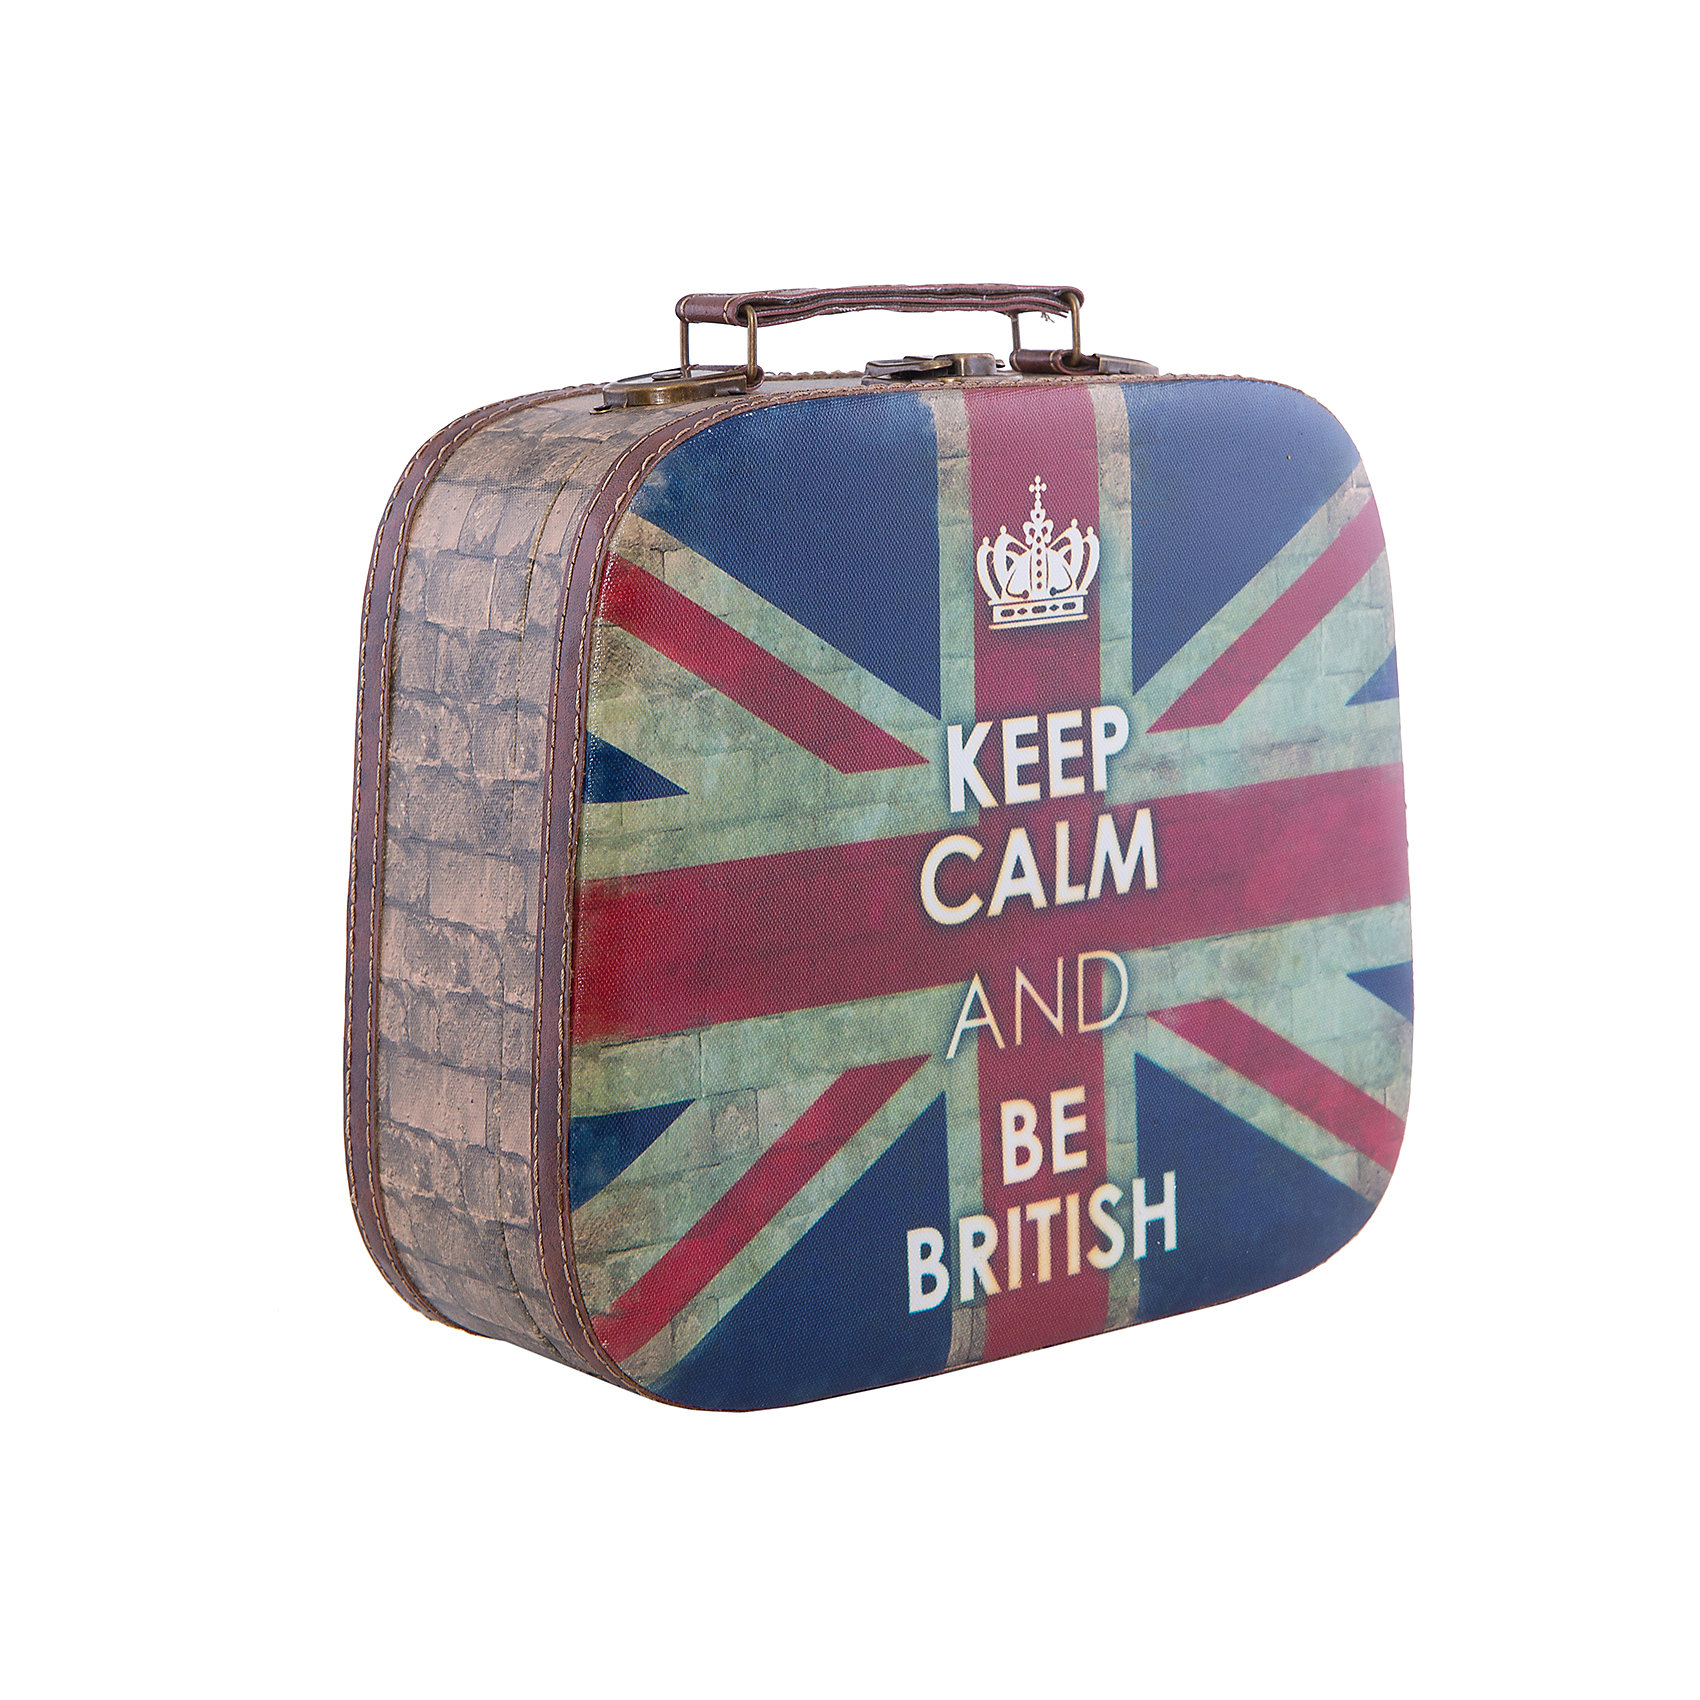 Шкатулка декоративная  Британский флагПредметы интерьера<br>Декоративная шкатулка Британский флаг выполнена в форме небольшого чемоданчика, украшена ярким оригинальным рисунком с британским флагом и надписью. Закрывается на замок, есть удобная ручка. В этой шкатулке очень удобно хранить свои самые любимые украшения.<br><br>Дополнительная информация:<br>Материал: МДФ<br>Размер: 10,5х25 см<br>Вес: 700 грамм<br>Декоративную шкатулку Британский флаг можно приобрести в нашем интернет-магазине.<br><br>Ширина мм: 380<br>Глубина мм: 330<br>Высота мм: 560<br>Вес г: 700<br>Возраст от месяцев: 84<br>Возраст до месяцев: 216<br>Пол: Унисекс<br>Возраст: Детский<br>SKU: 4957961